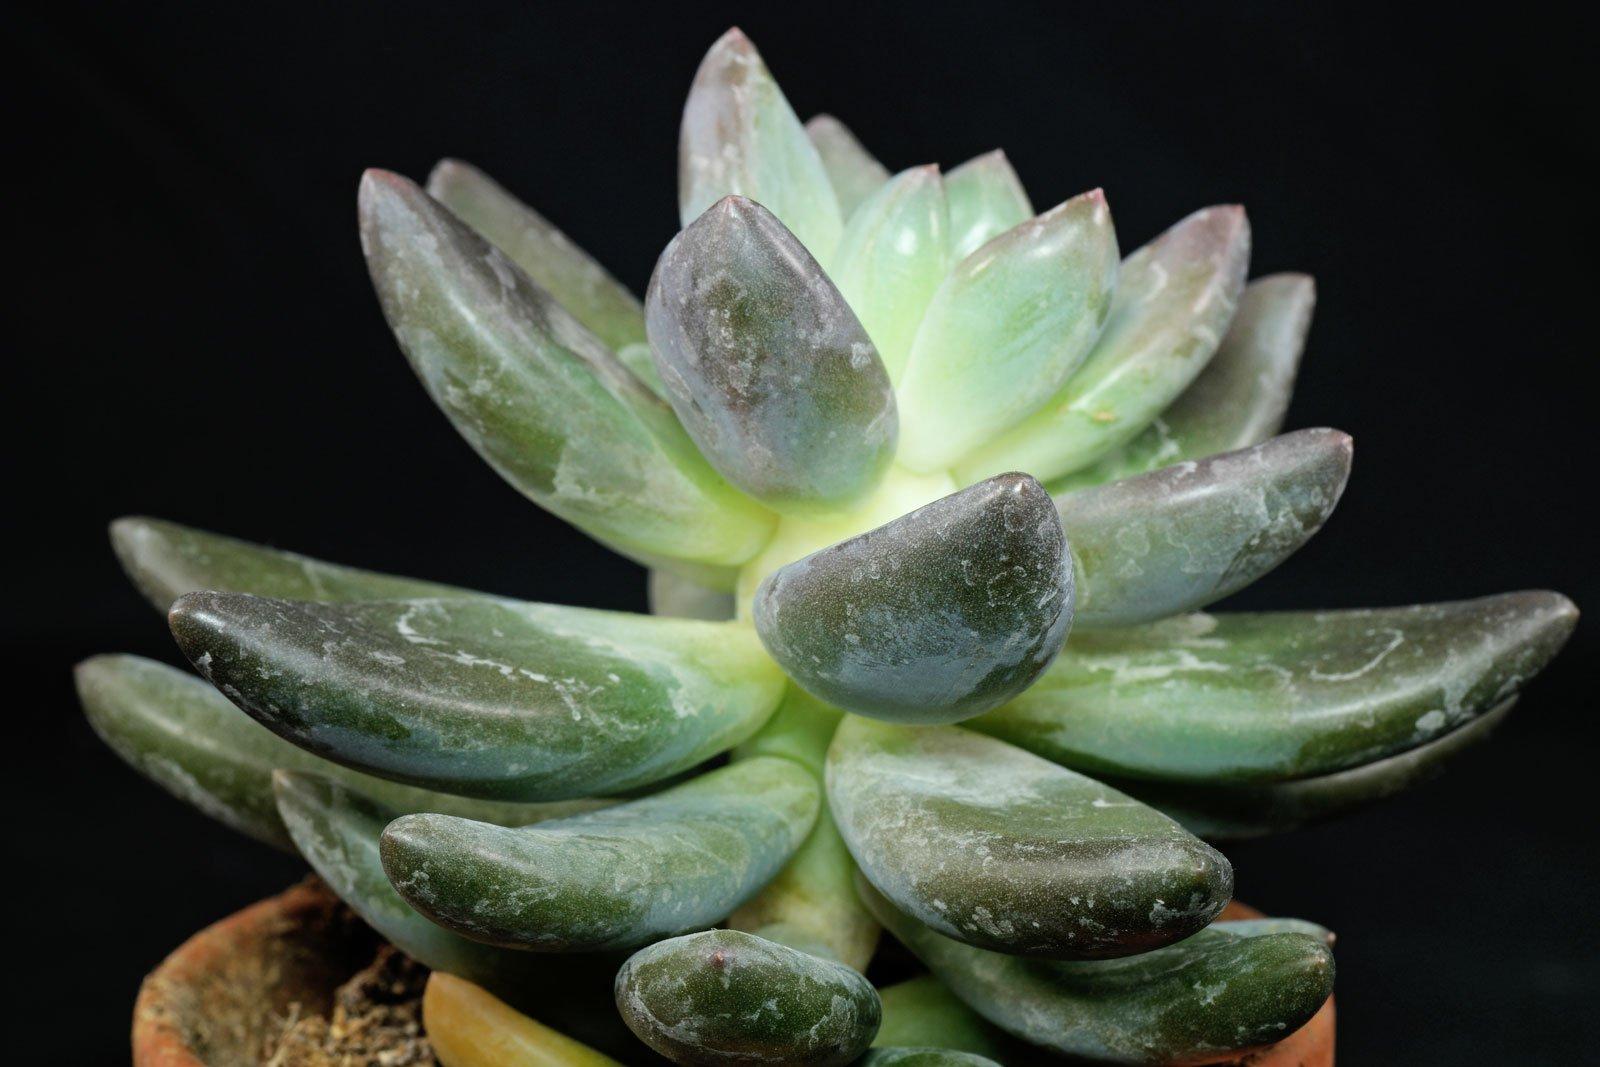 Pachyphytum kimnachii